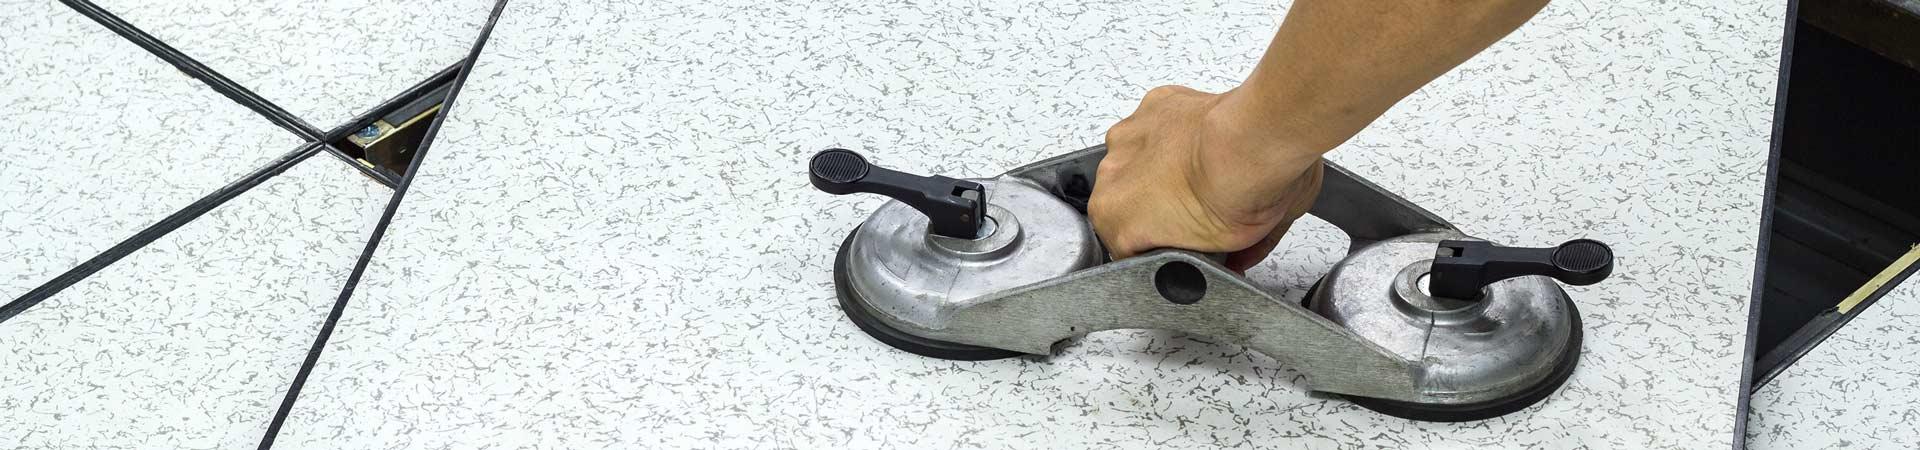 Raised Floor Tools Flooring Ideas And Inspiration